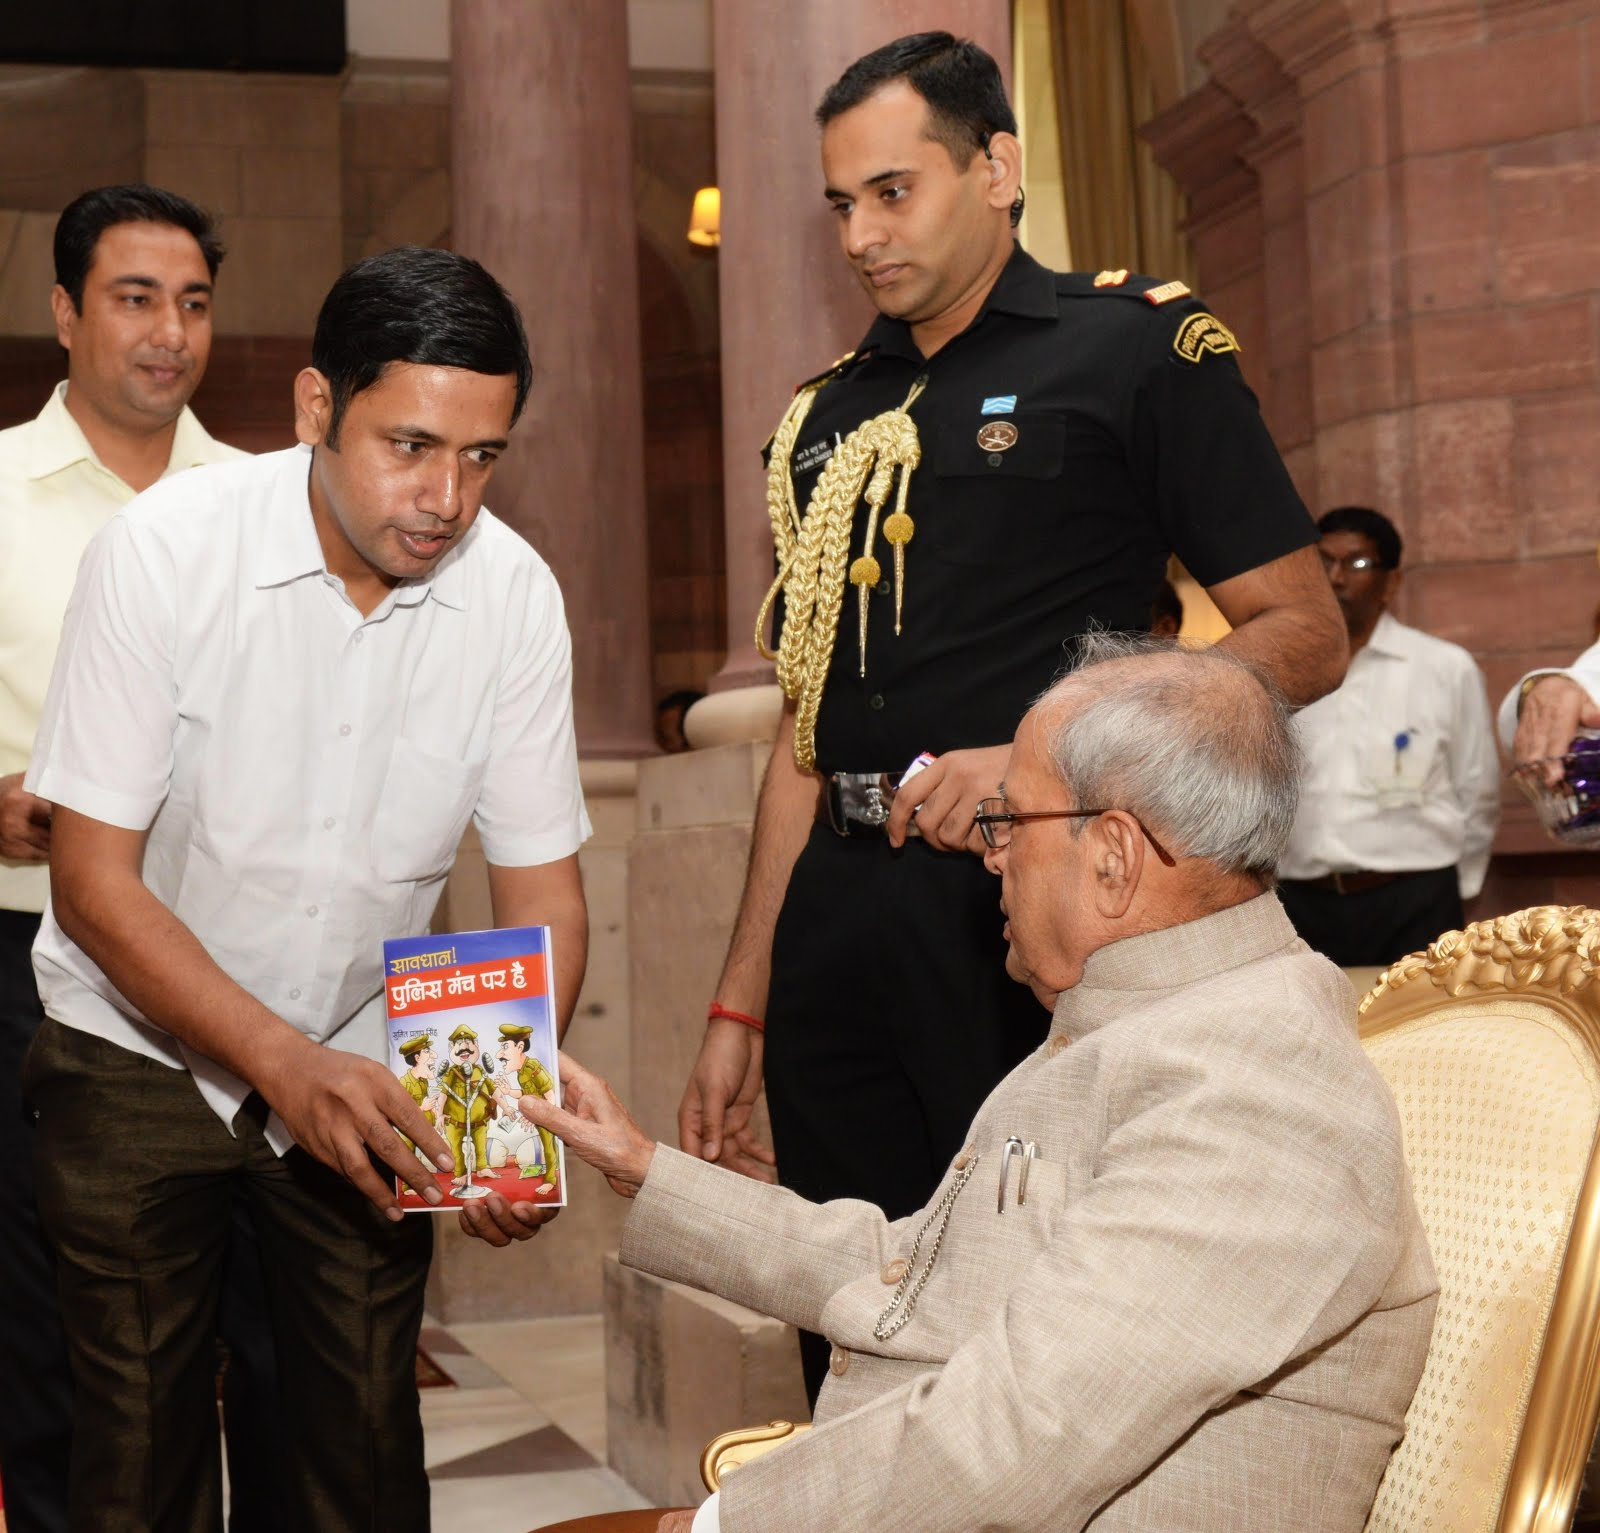 सुमित प्रताप सिंह भारत के राष्ट्रपति को अपनी पुस्तक भेंट करते हुए